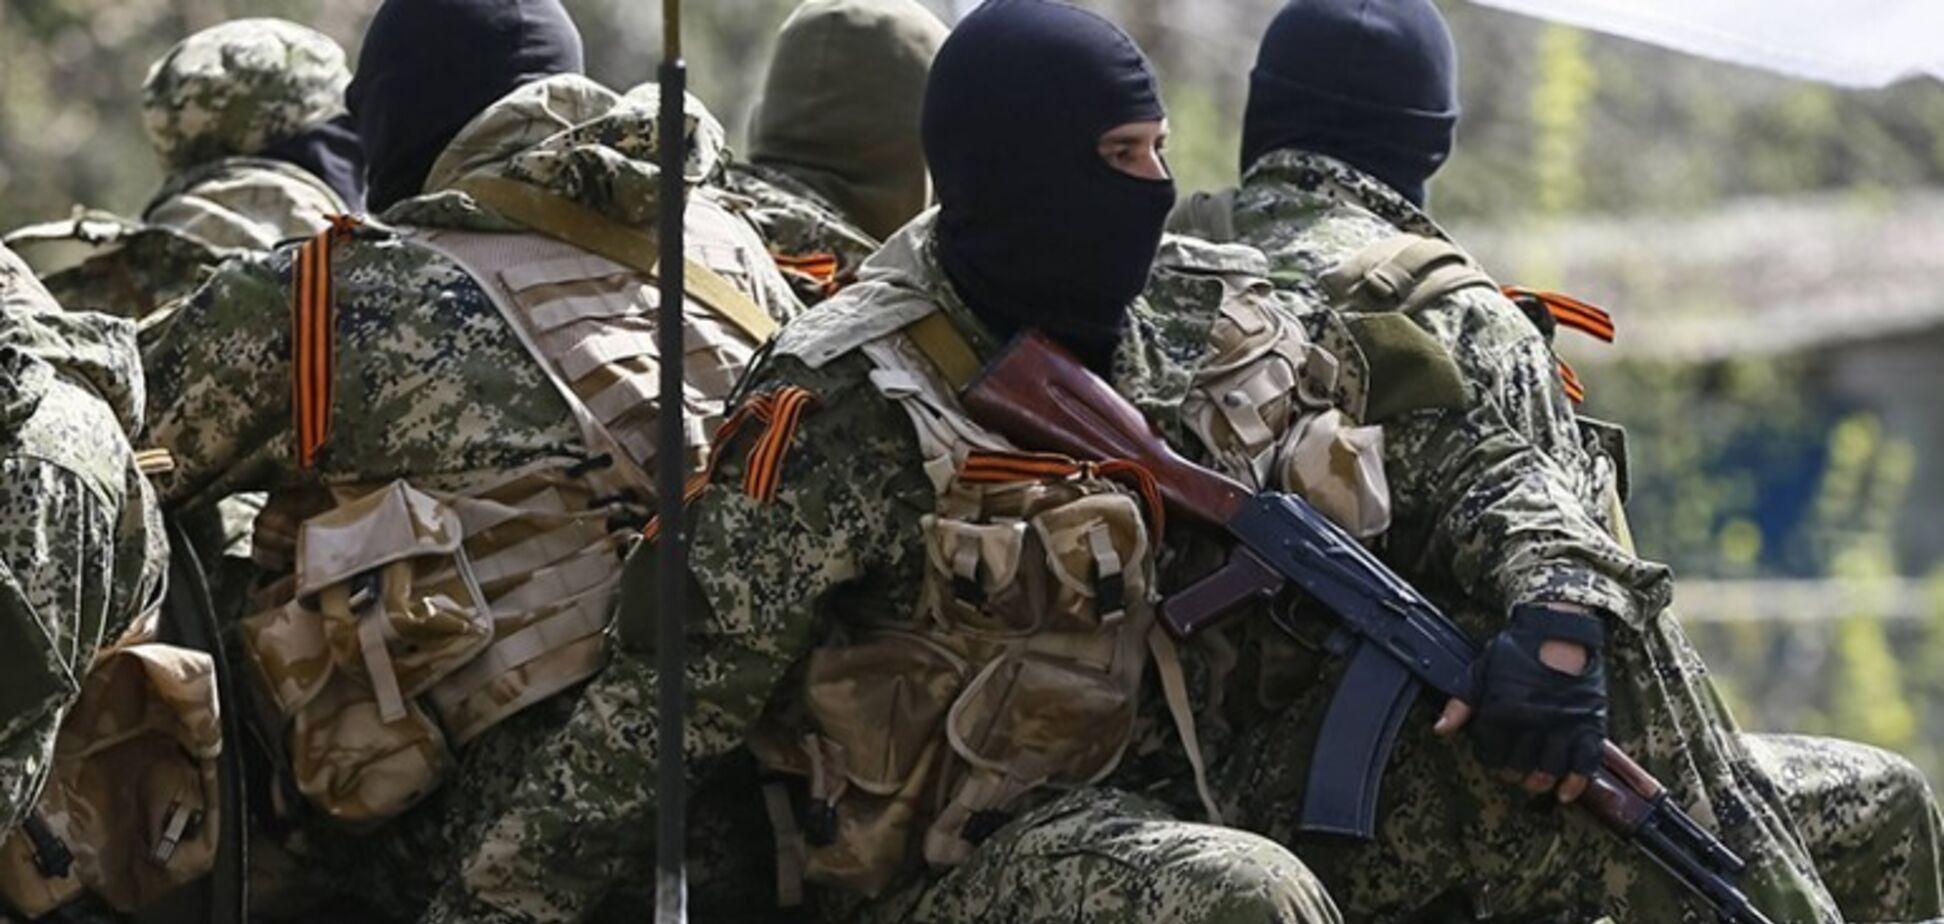 Пішла на угоду! Пособниця терористів на Донбасі уникла відповідальності